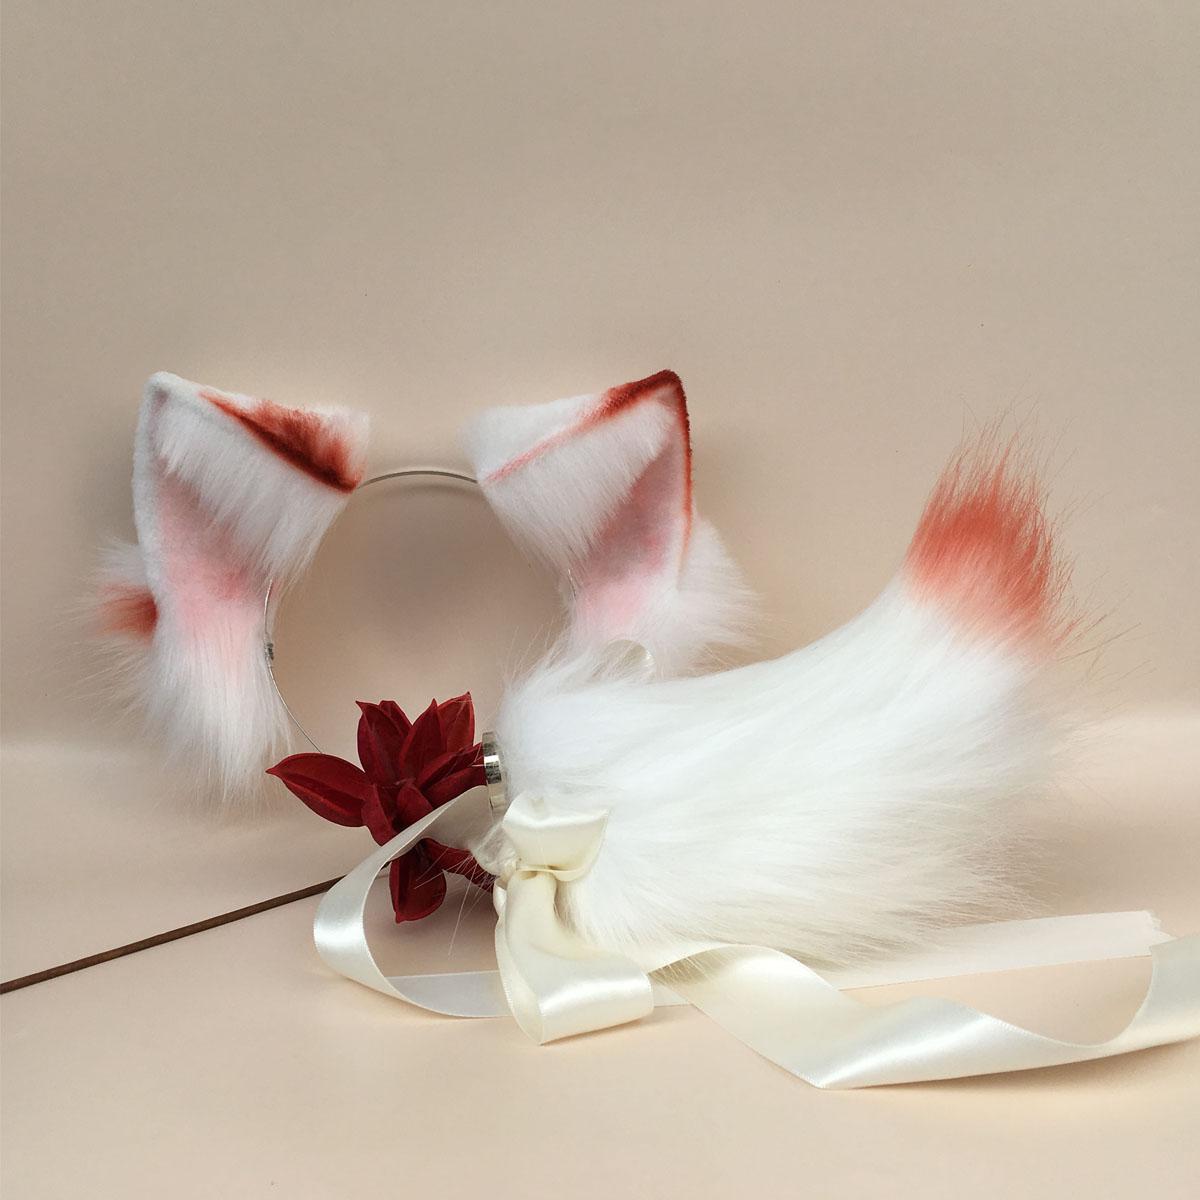 عصابة رأس للقطط ذات لونين ، إكسسوارات شعر حيوانات ، محاكاة آذان القطط المصنوعة يدويًا